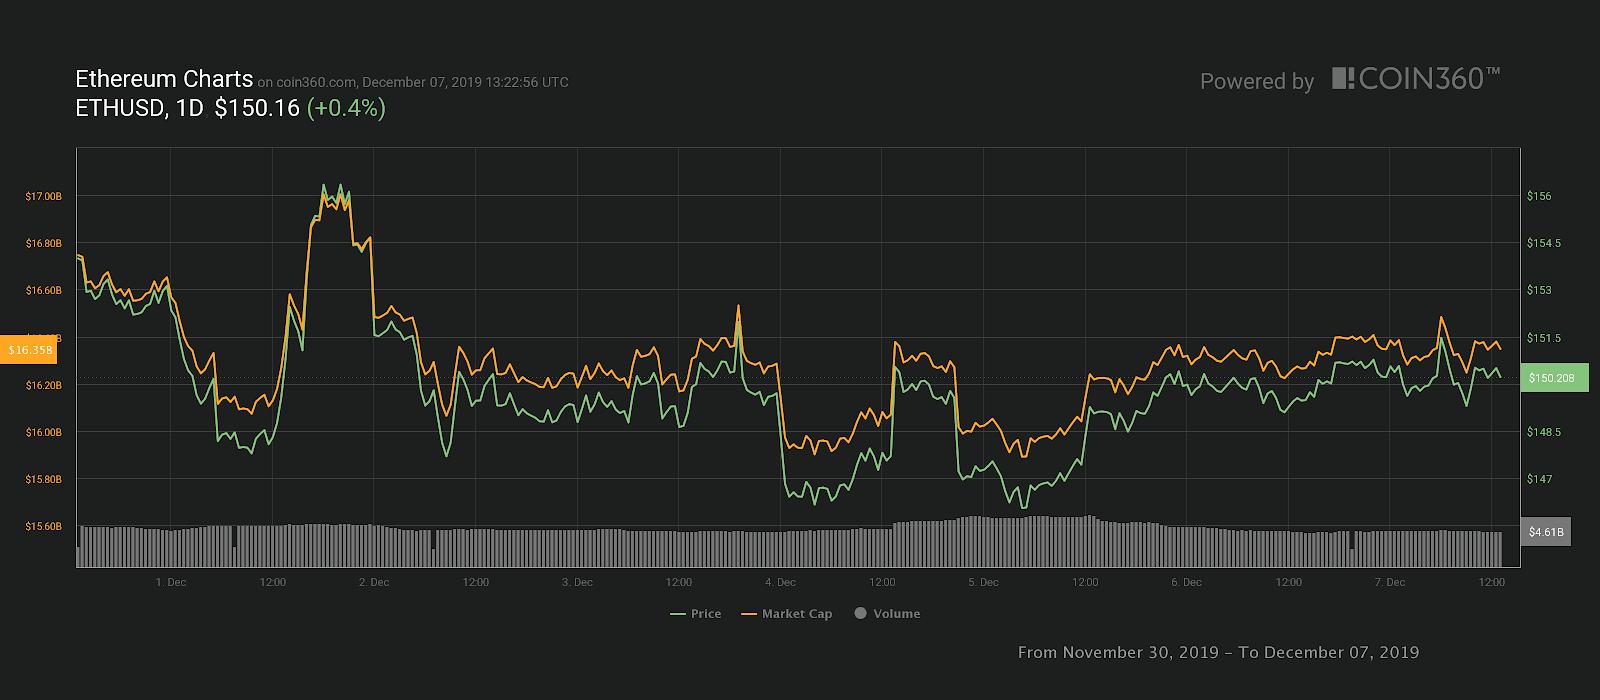 Gráfico de preços de 7 dias Ether